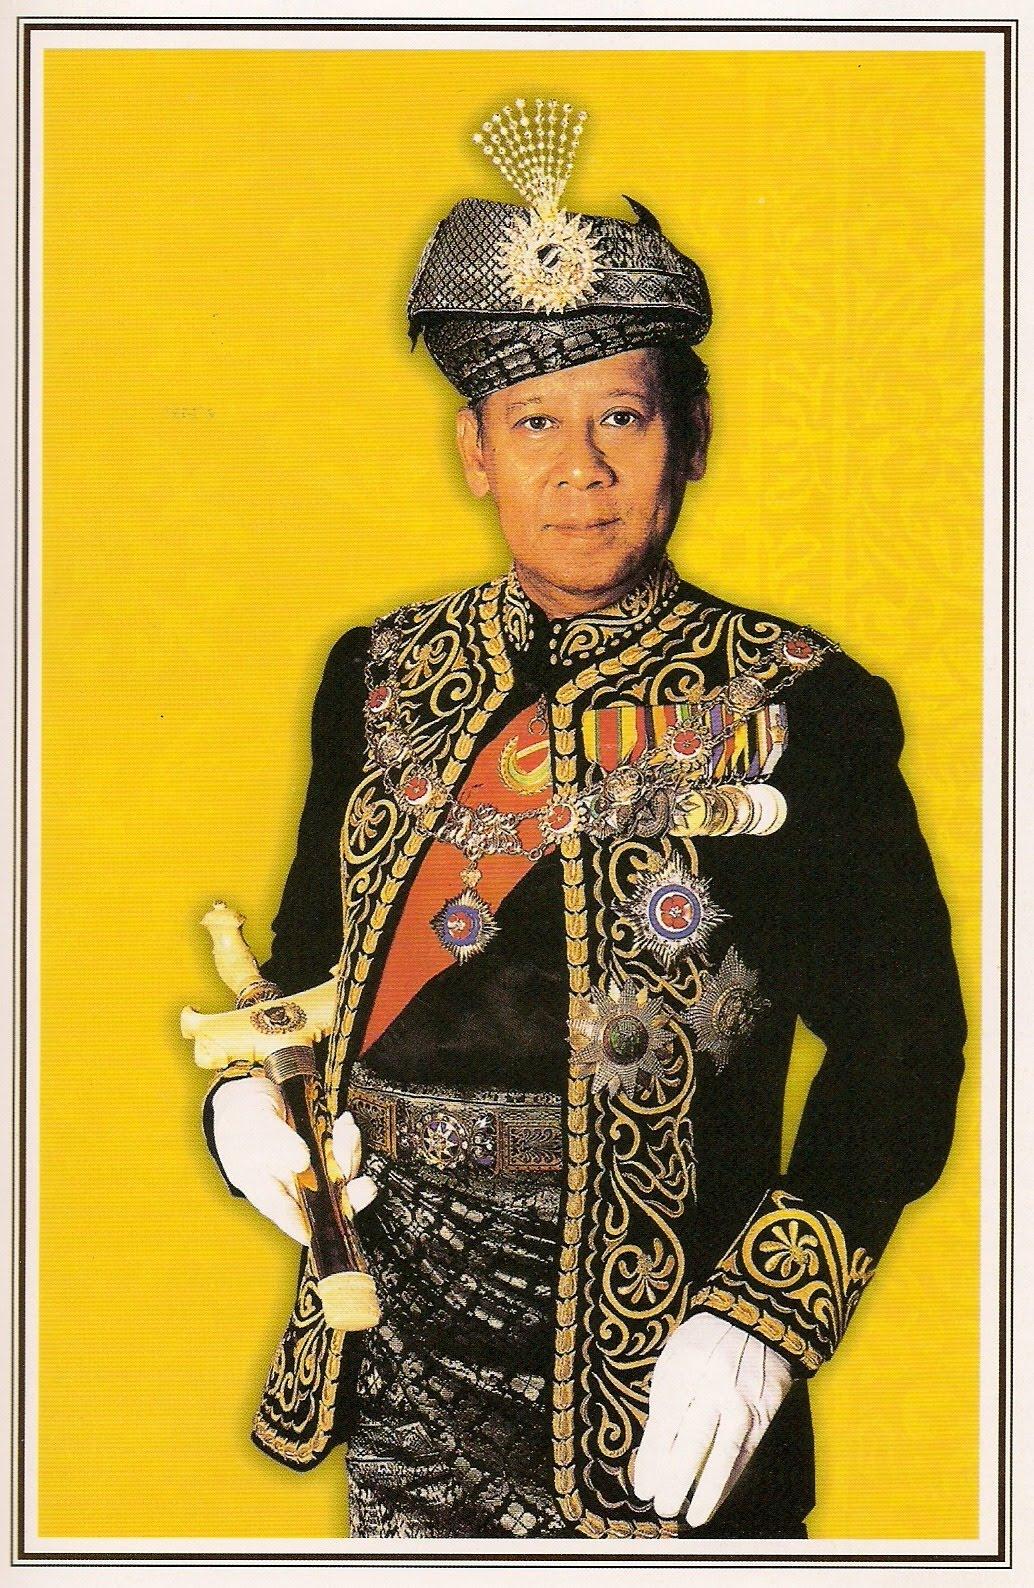 Destar warisan malaysia koleksi terpilih